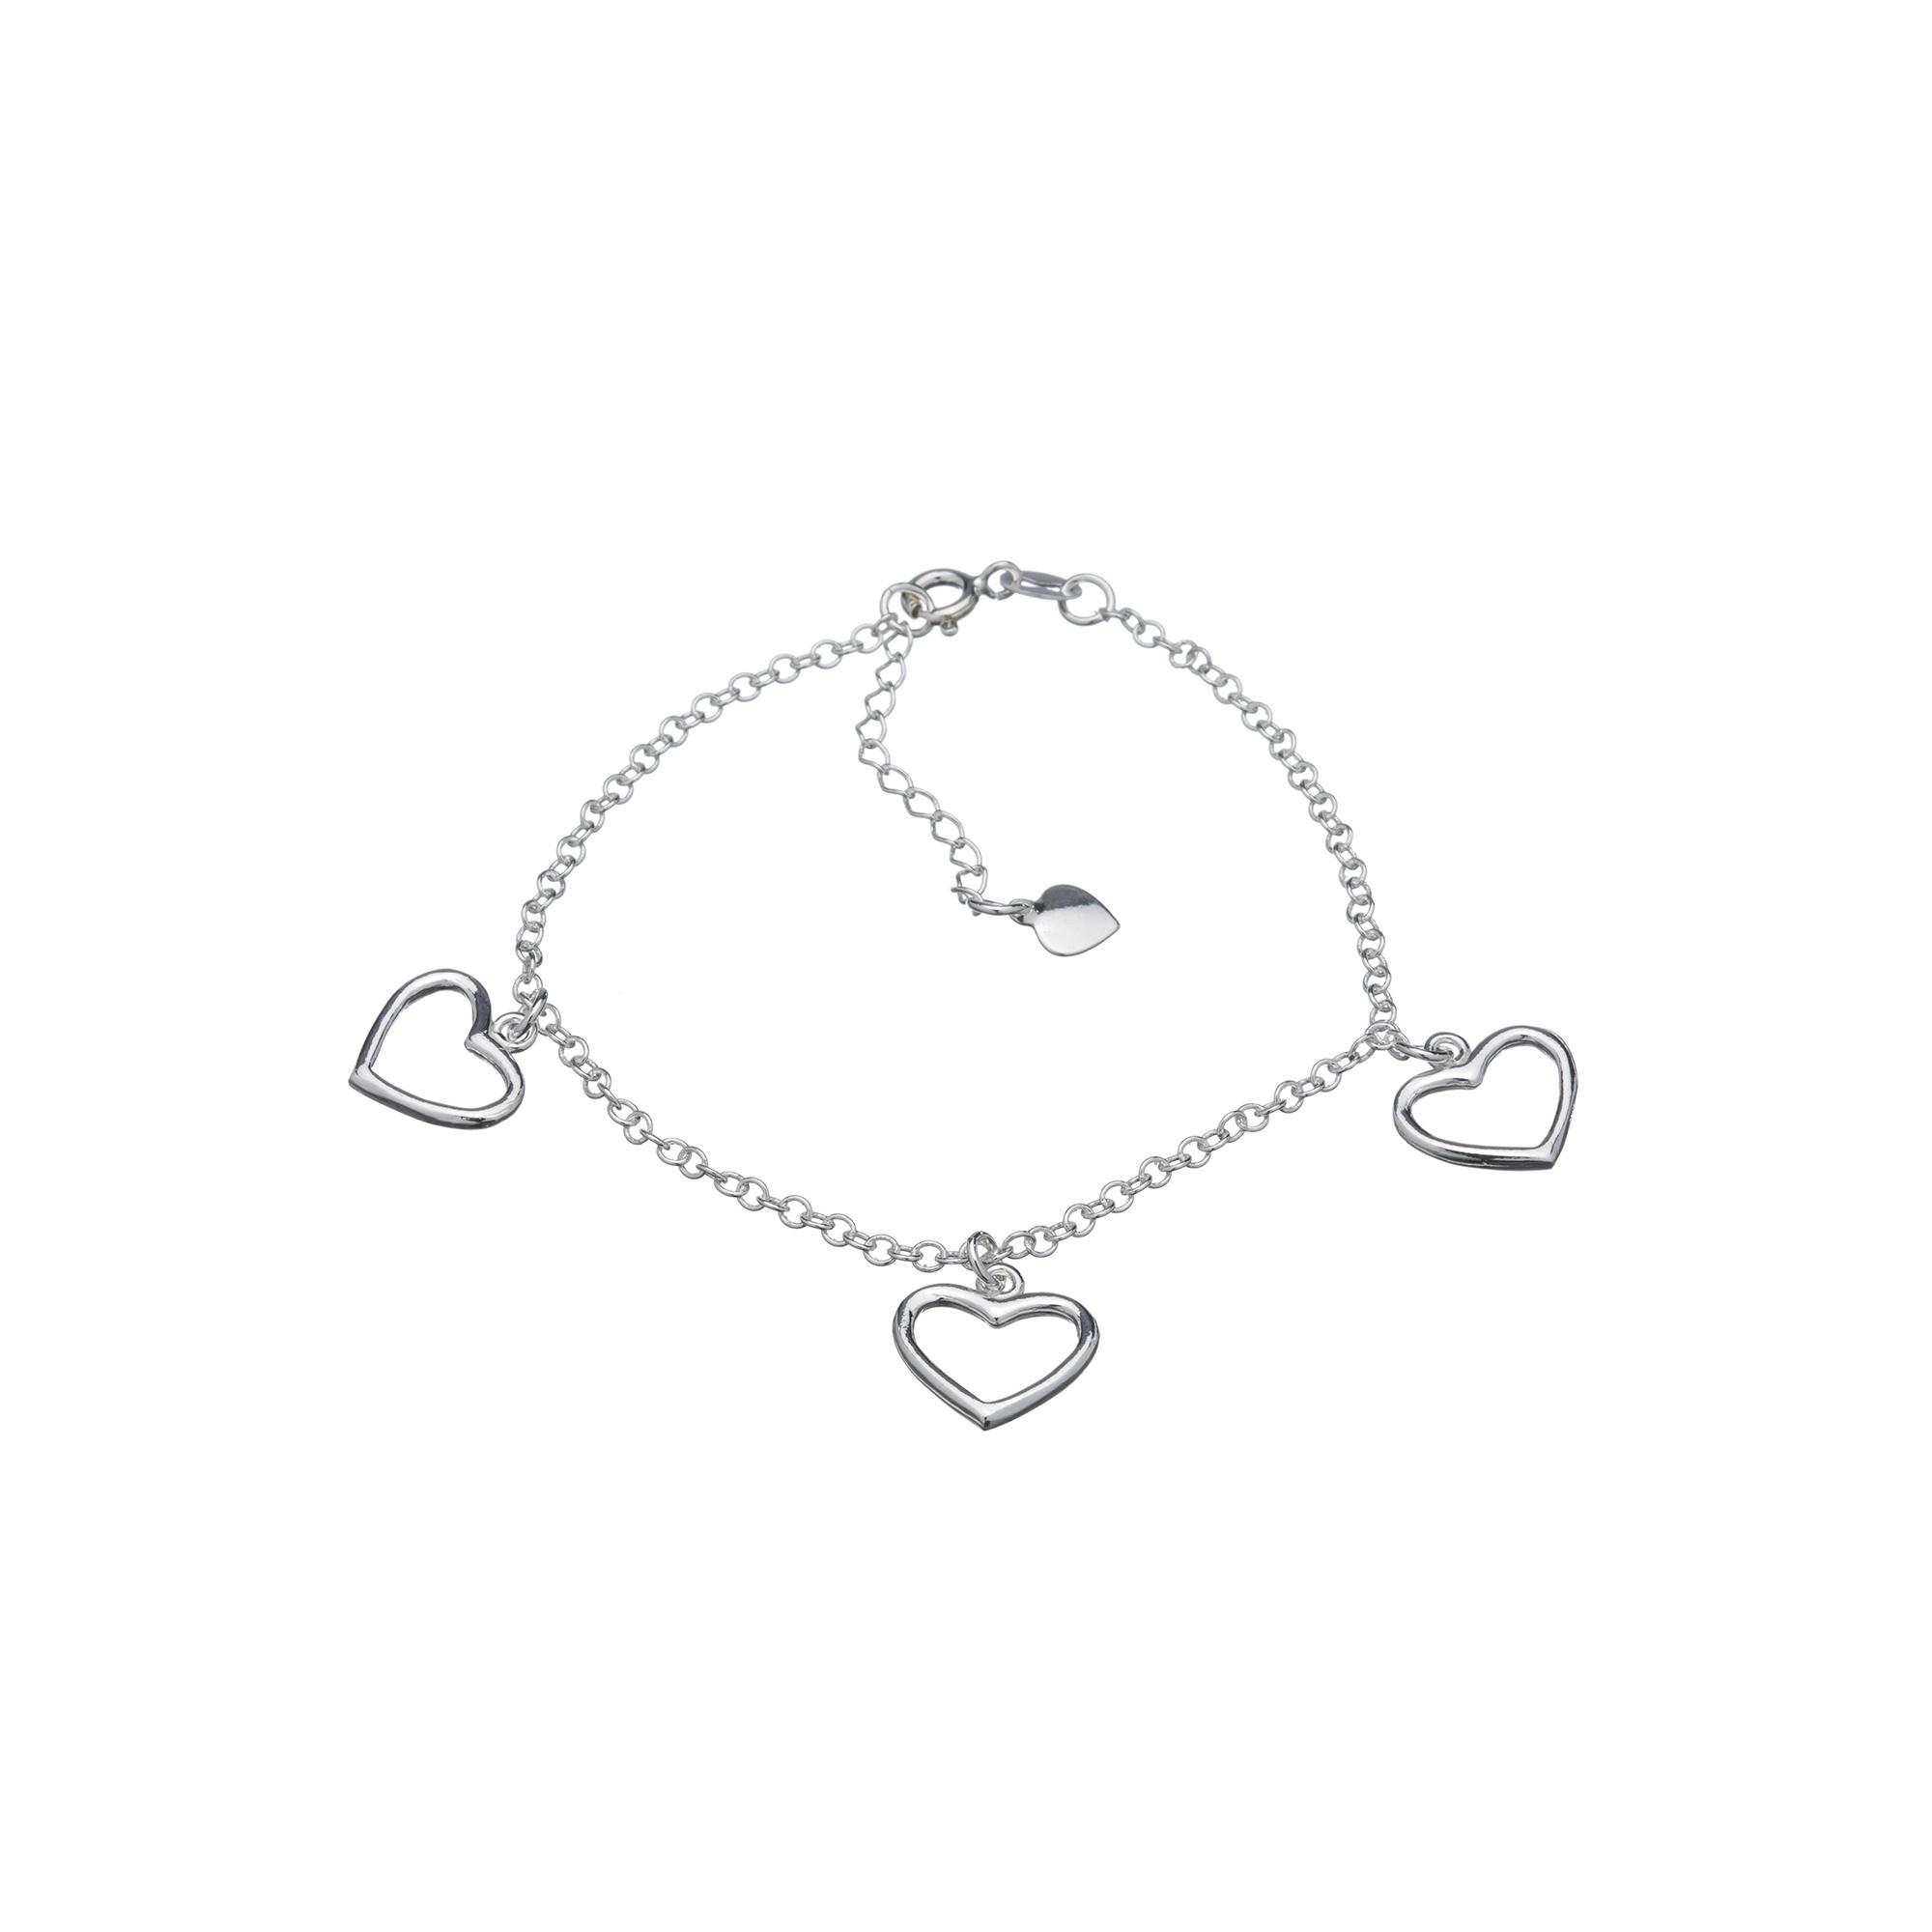 Pulseira Corações Vazados em Prata 925 16cm + Extensor